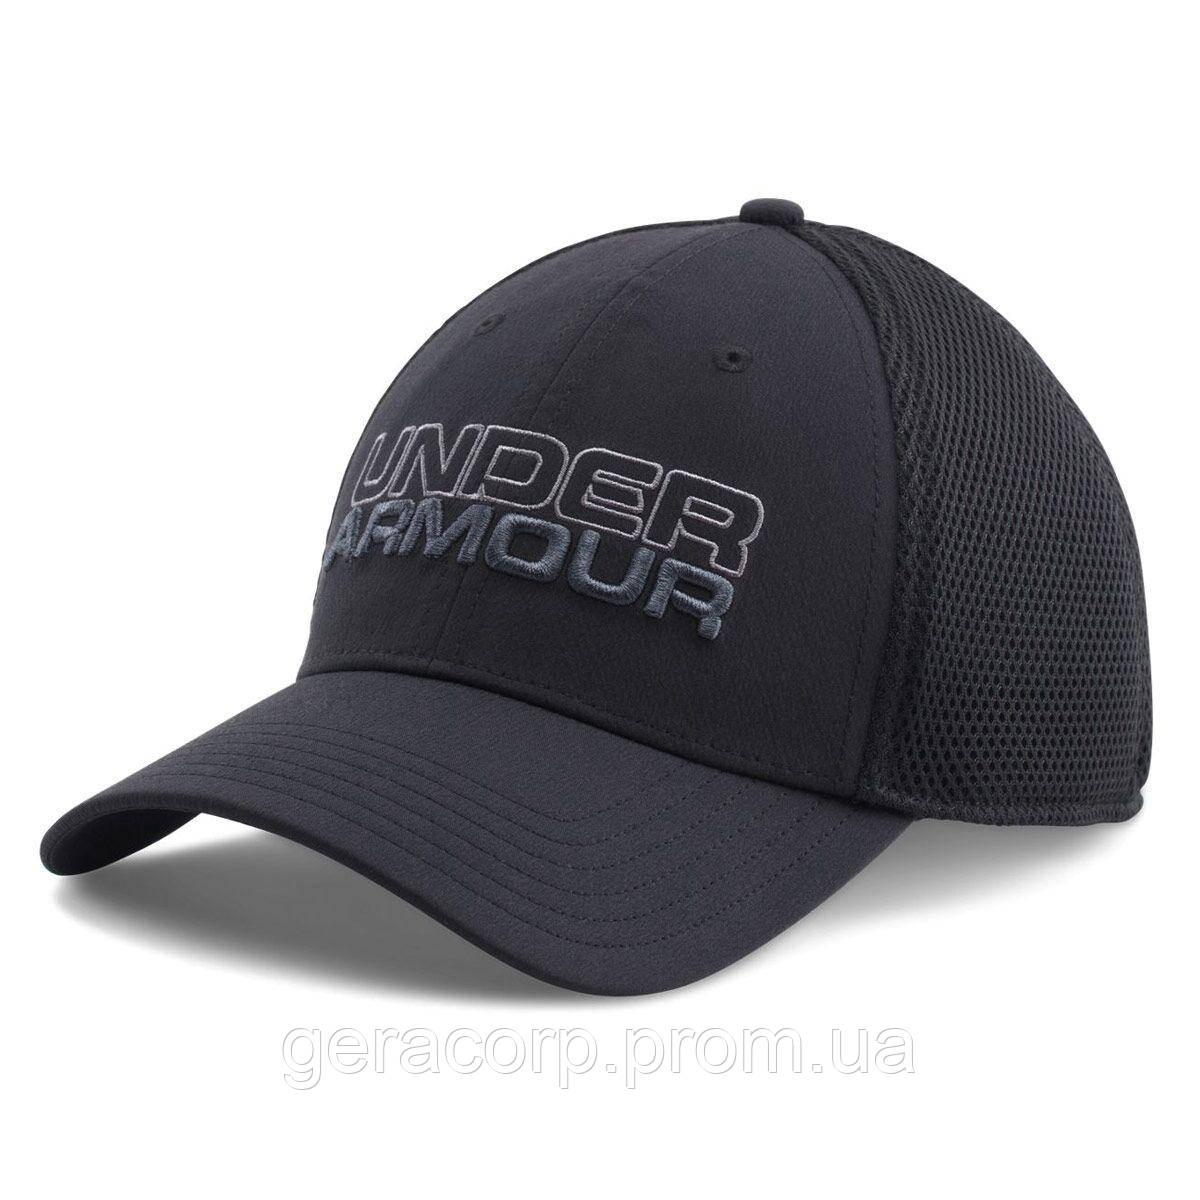 Кепка мужская Men's UNDER ARMOUR Cap